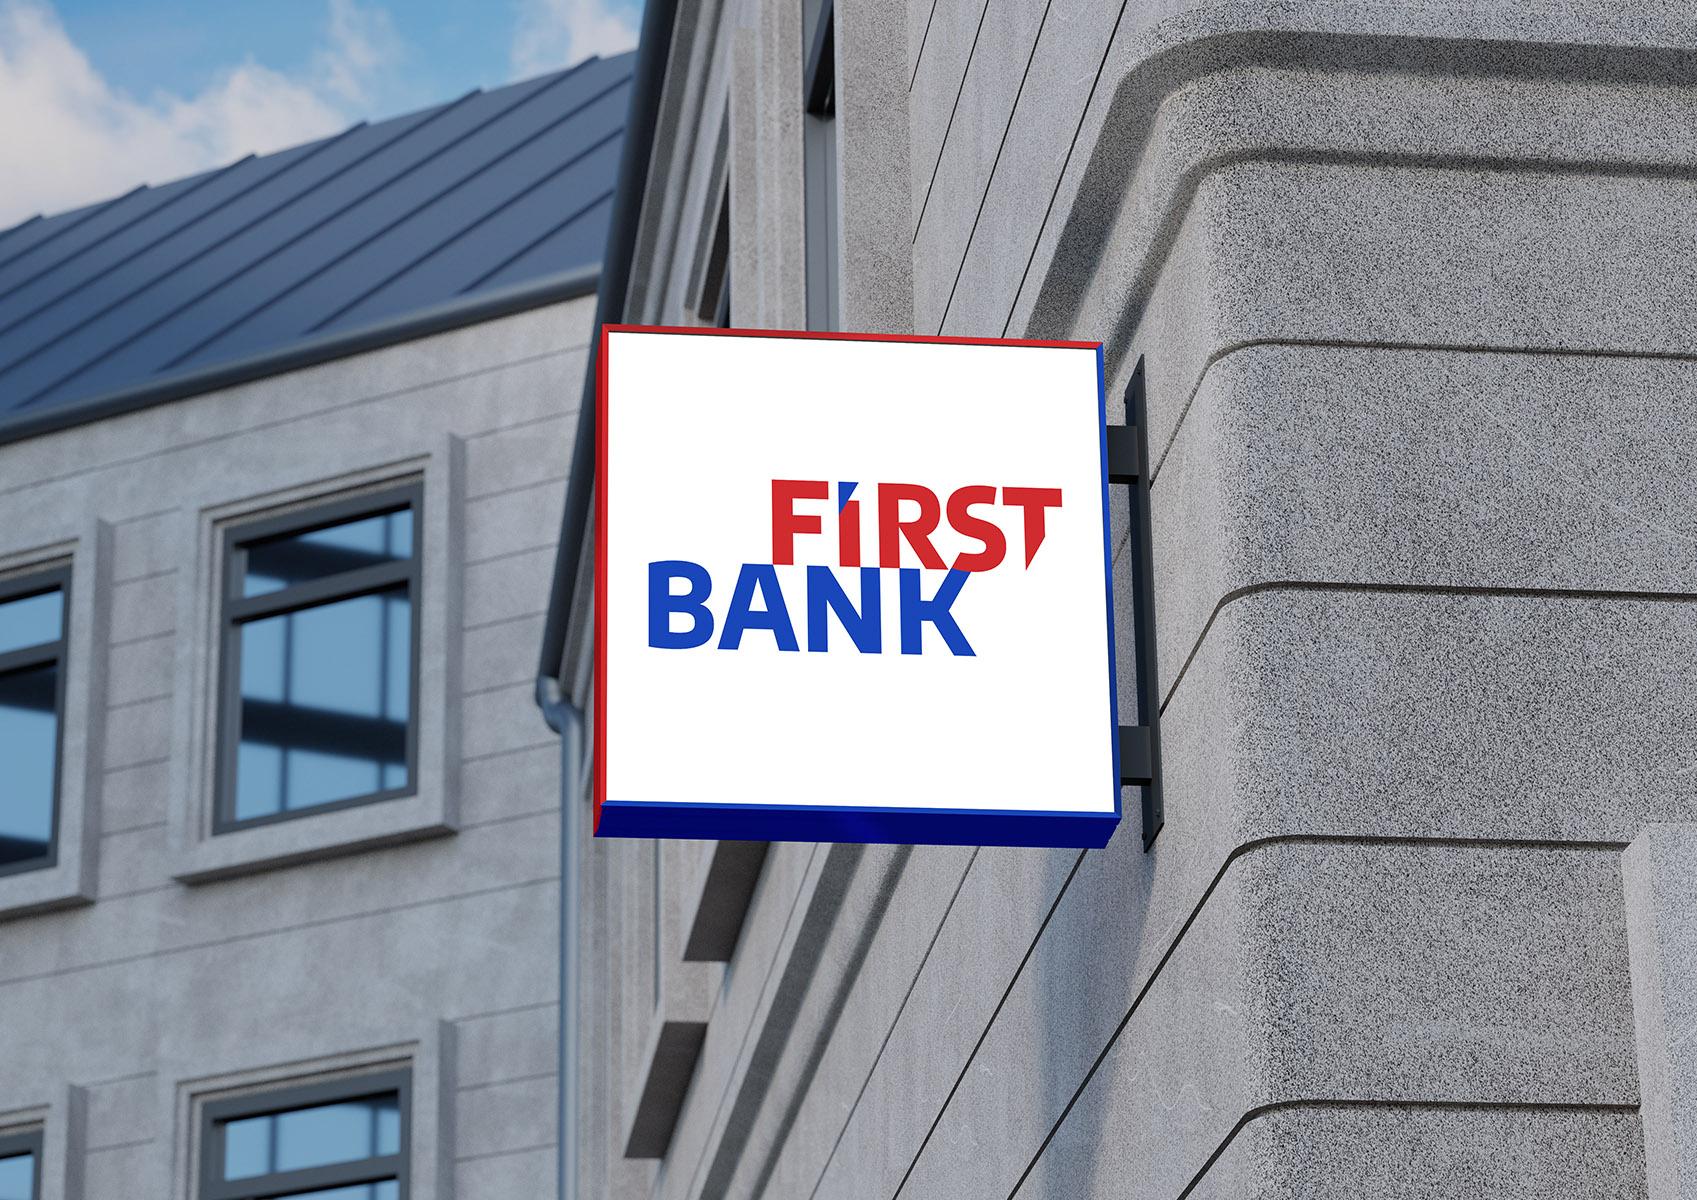 first bank portofoliu inoveo caseta luminoasa